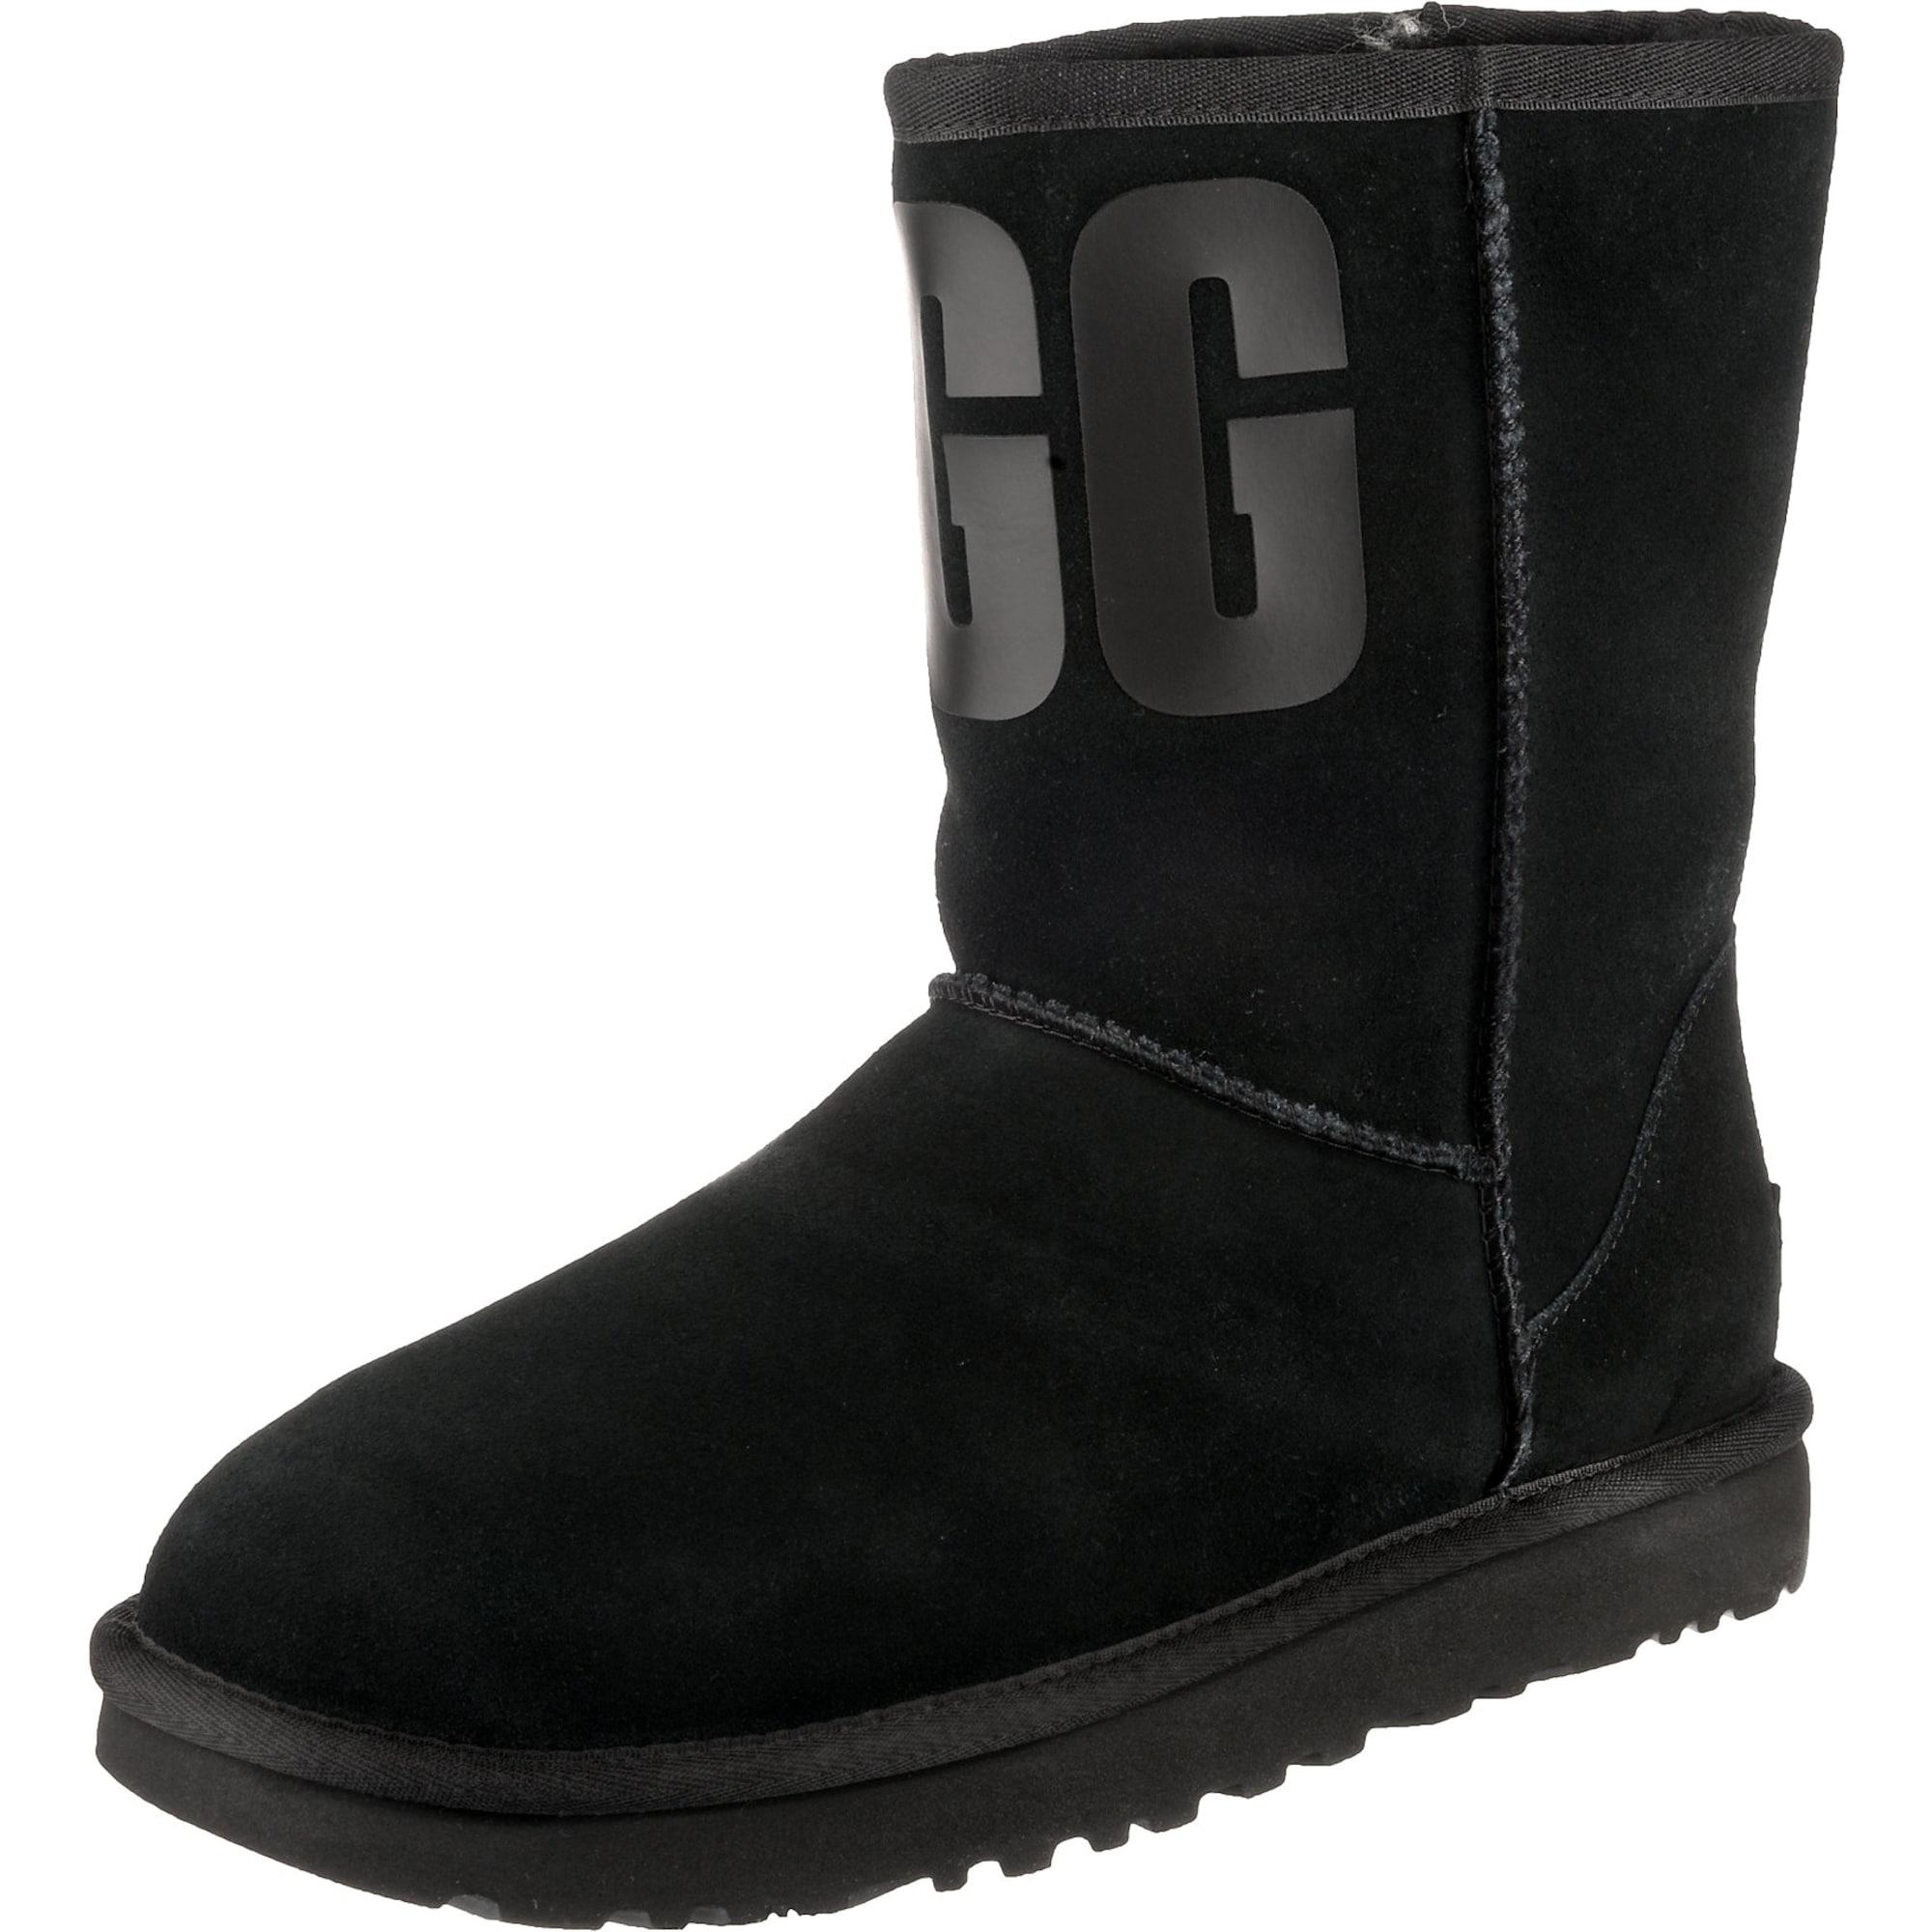 Winterstiefel   Schuhe > Stiefel > Winterstiefel   Ugg